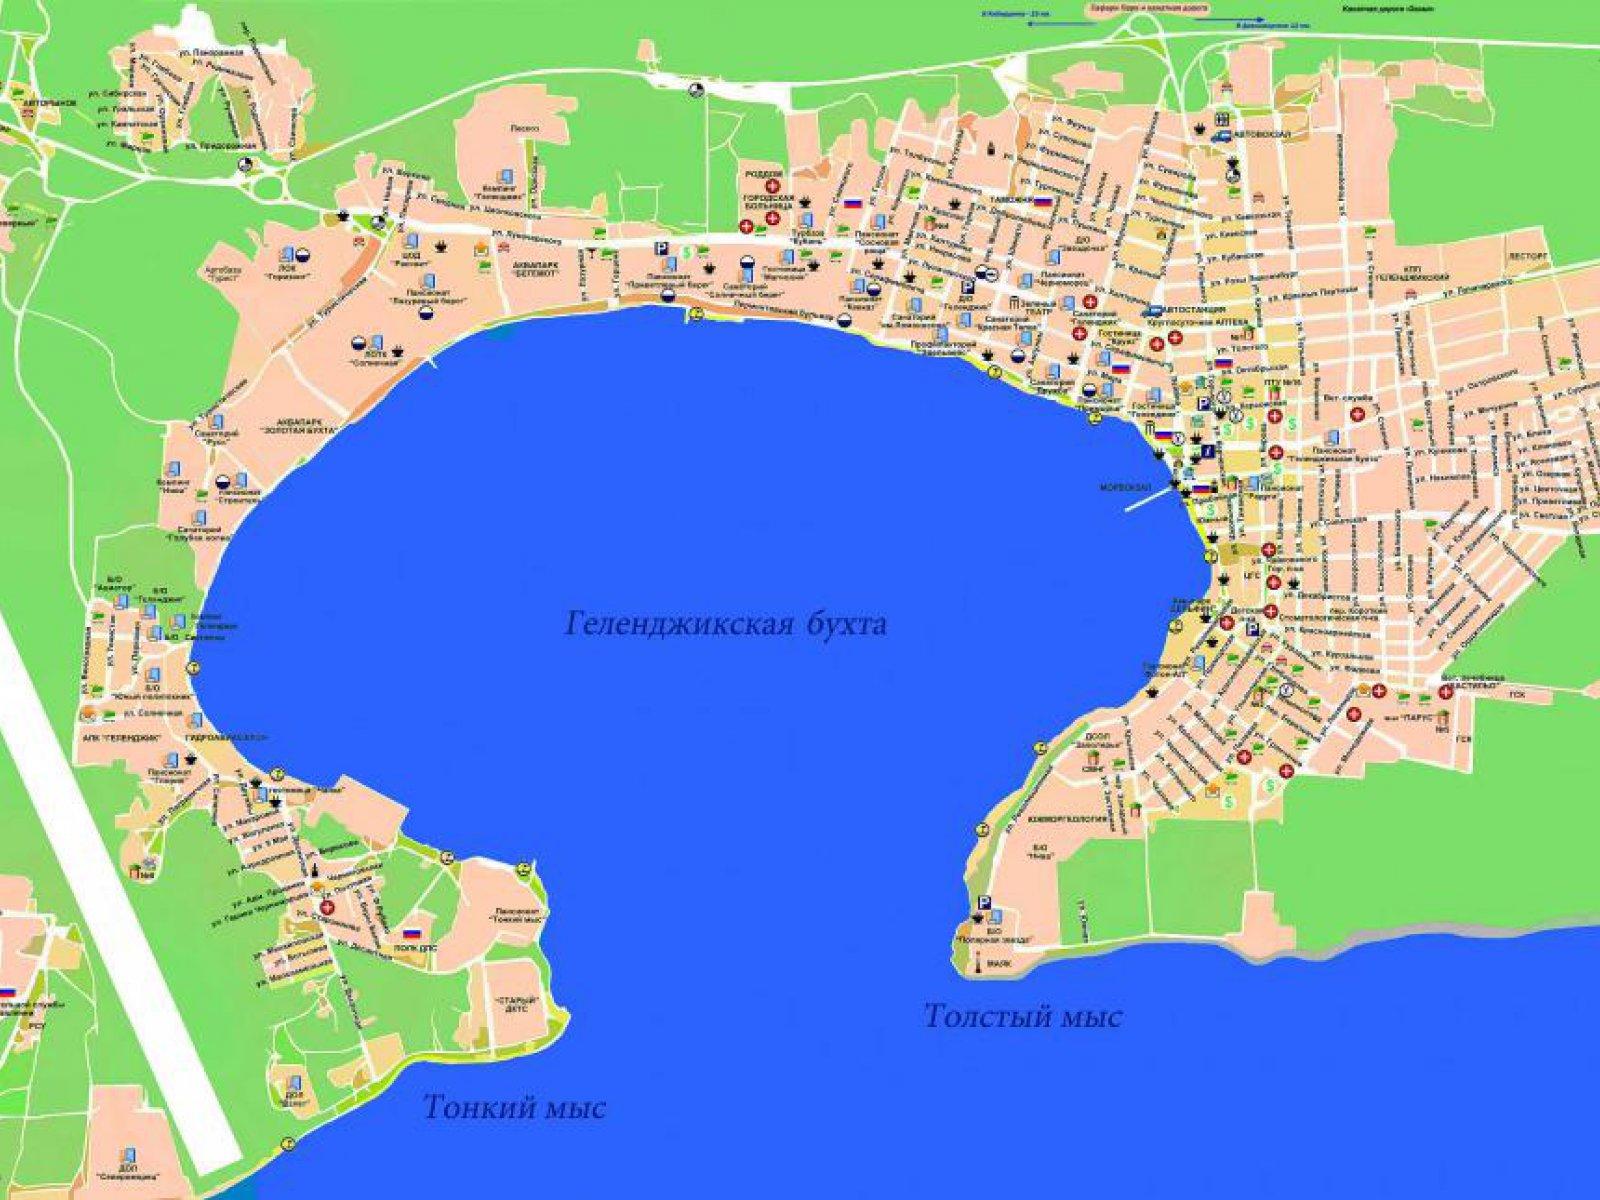 Пляж Тонкий мыс в Геленджике на карте